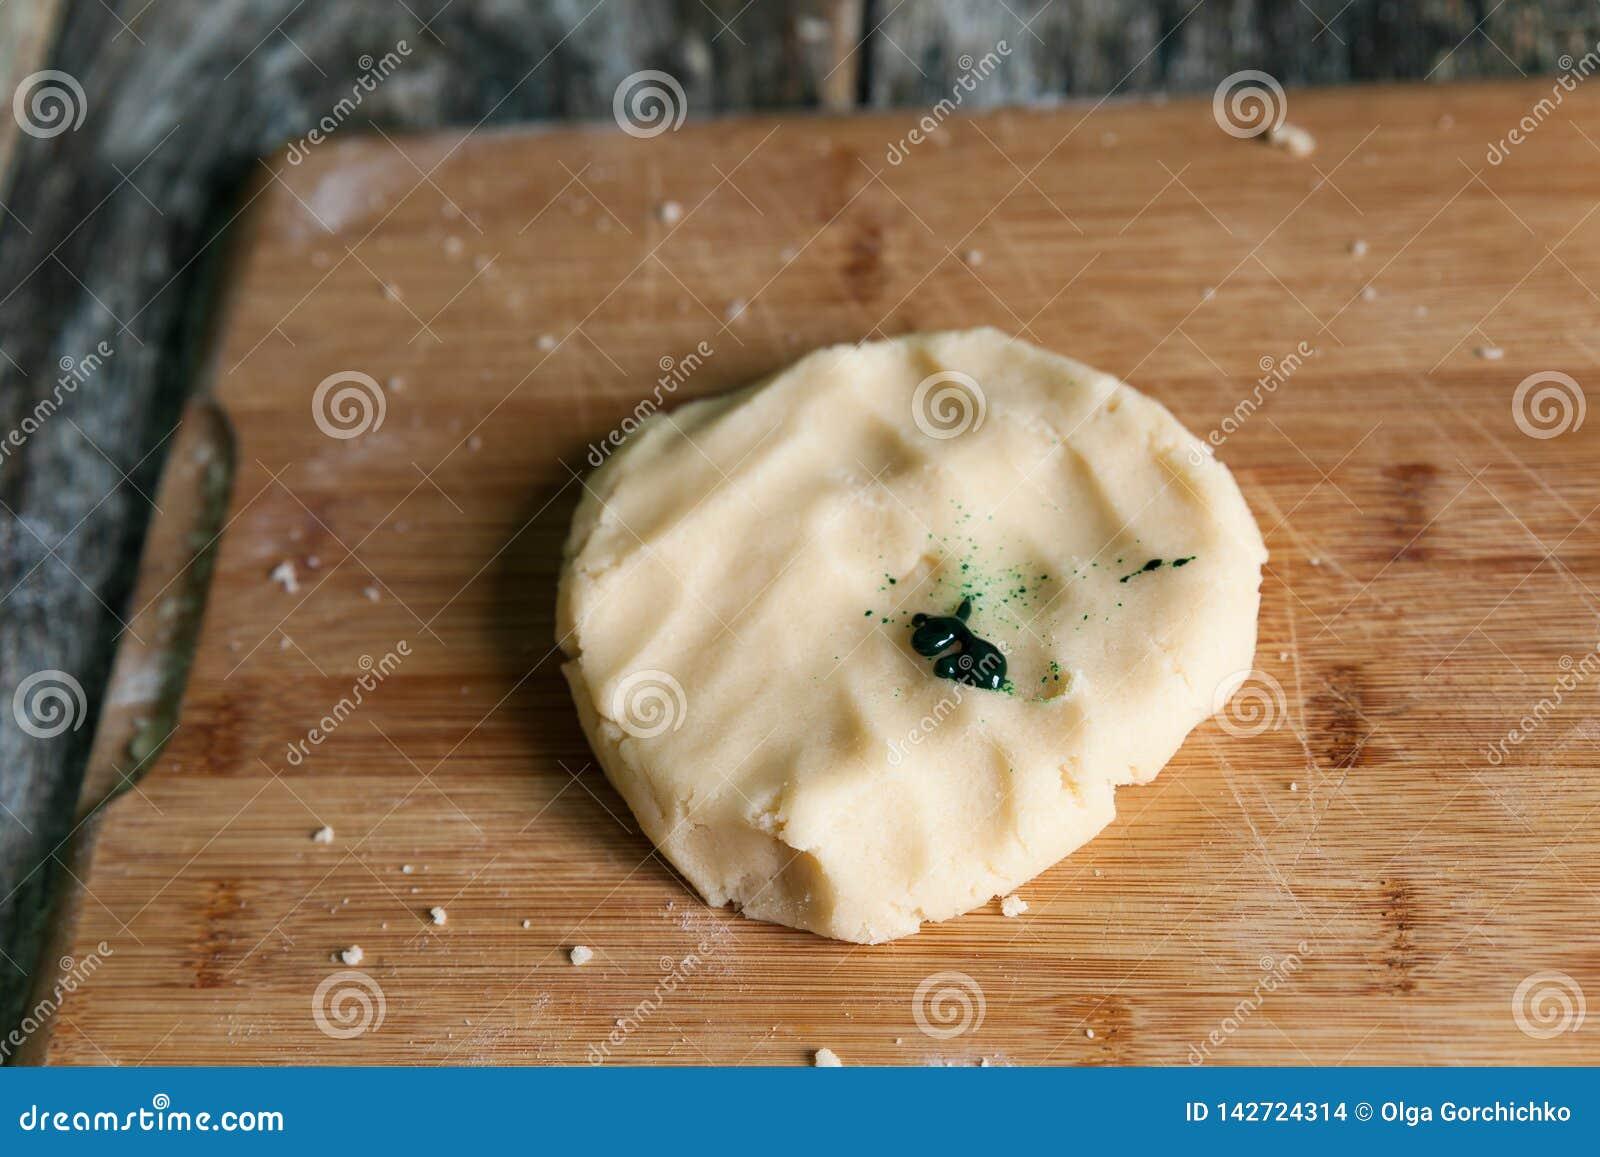 Pasta cruda fresca de la torta dulce prepararse